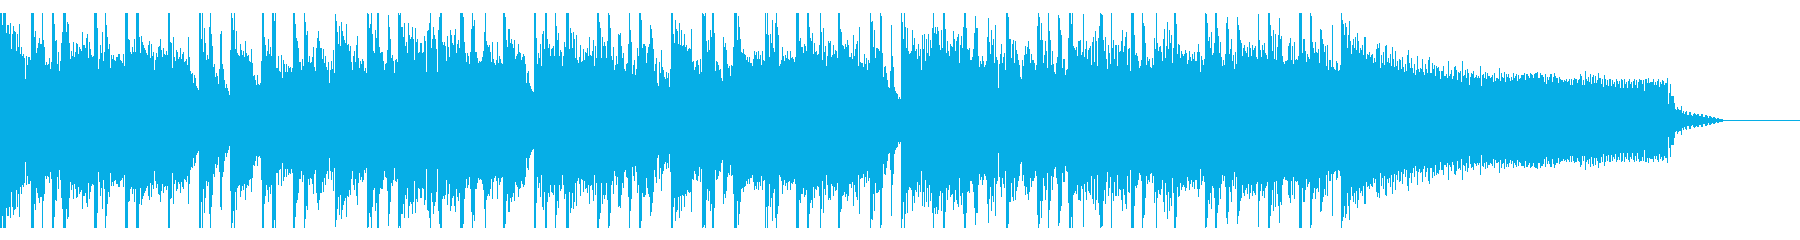 エネルギッシュで盛り上がるサウンドの再生済みの波形